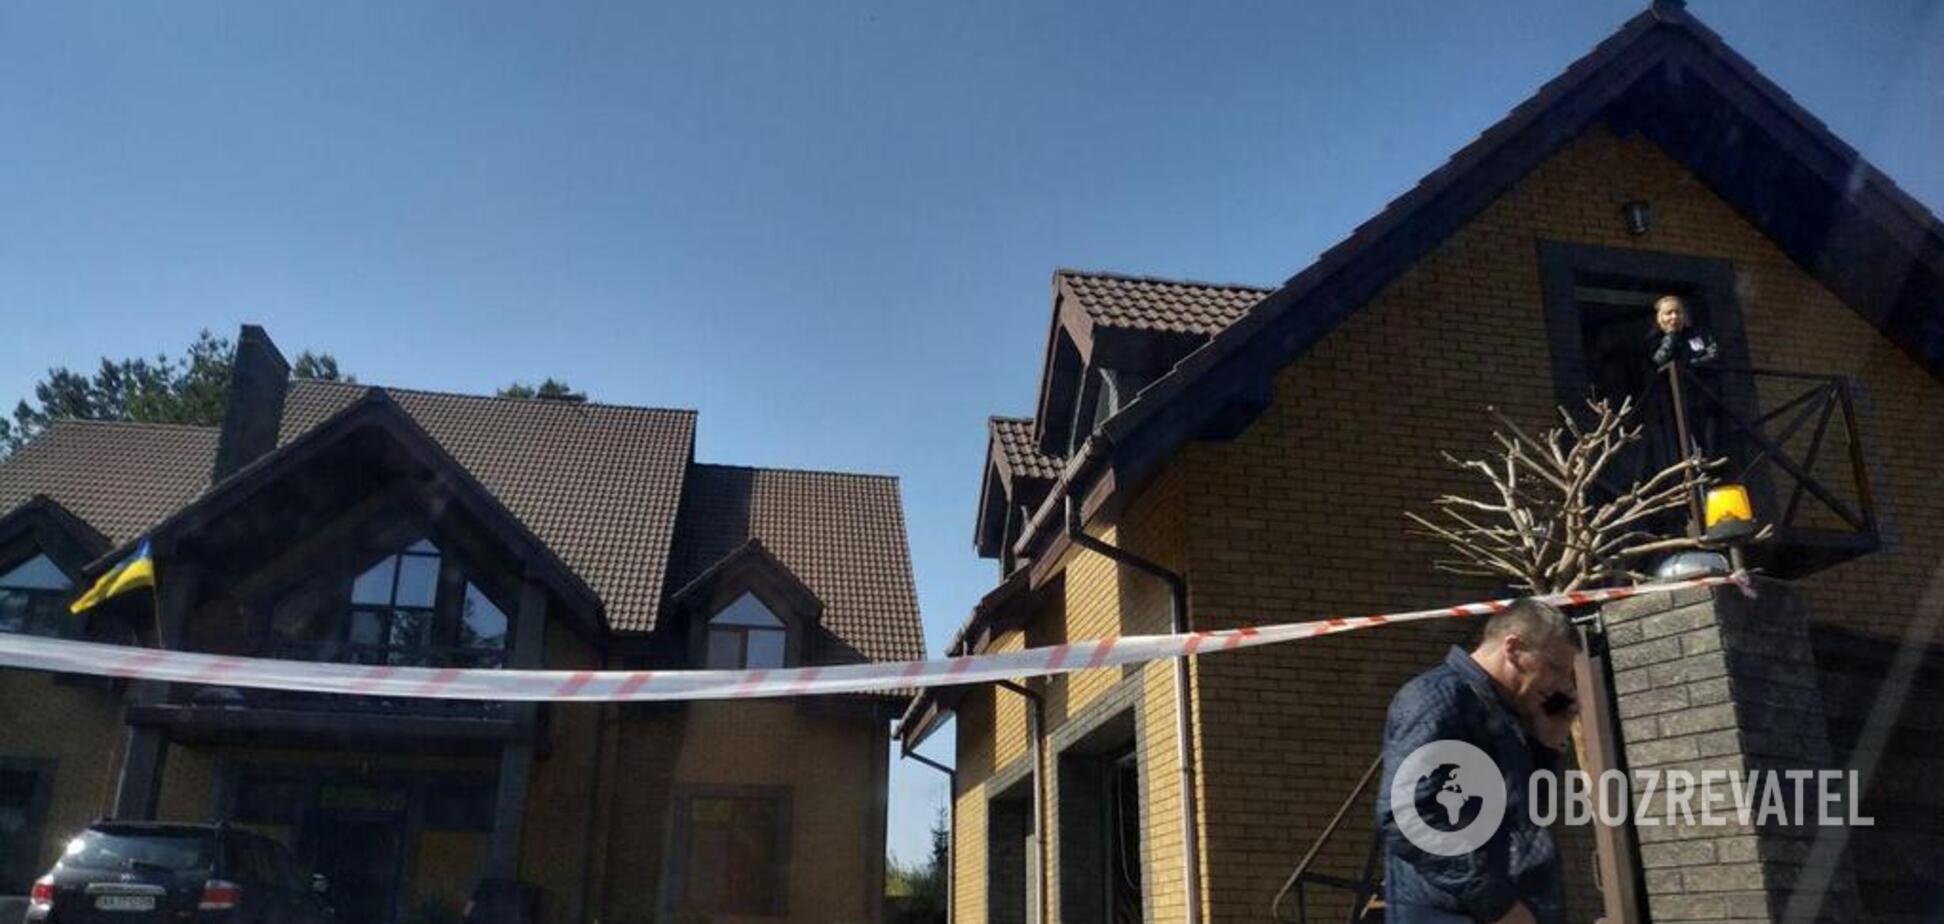 Под Киевом с оружием напали на дом известного нардепа: все подробности